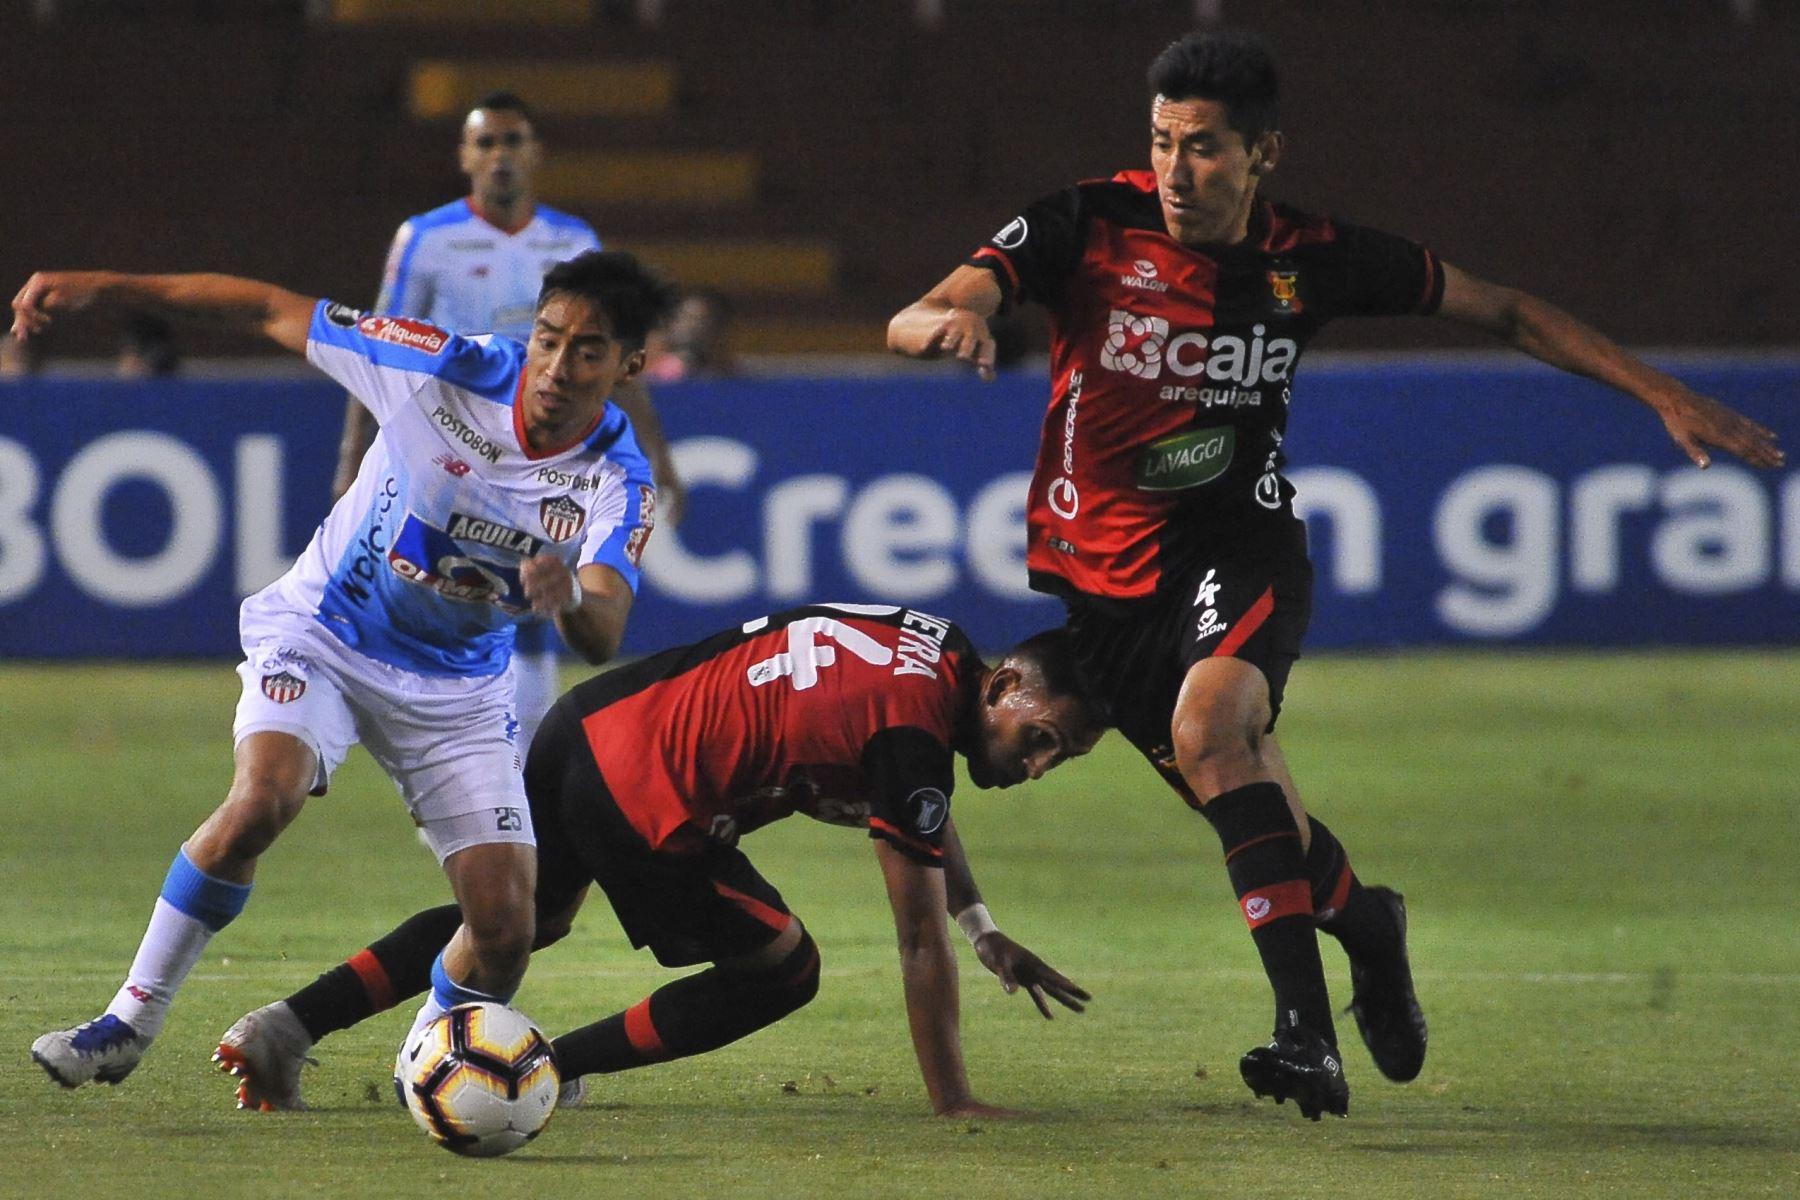 El colombiano Fabian Sambueza compite por el balón contra ángel romero del Melgar por la Copa Libertadores 2019 en el estadio UNSA en Arequipa. Foto: AFP